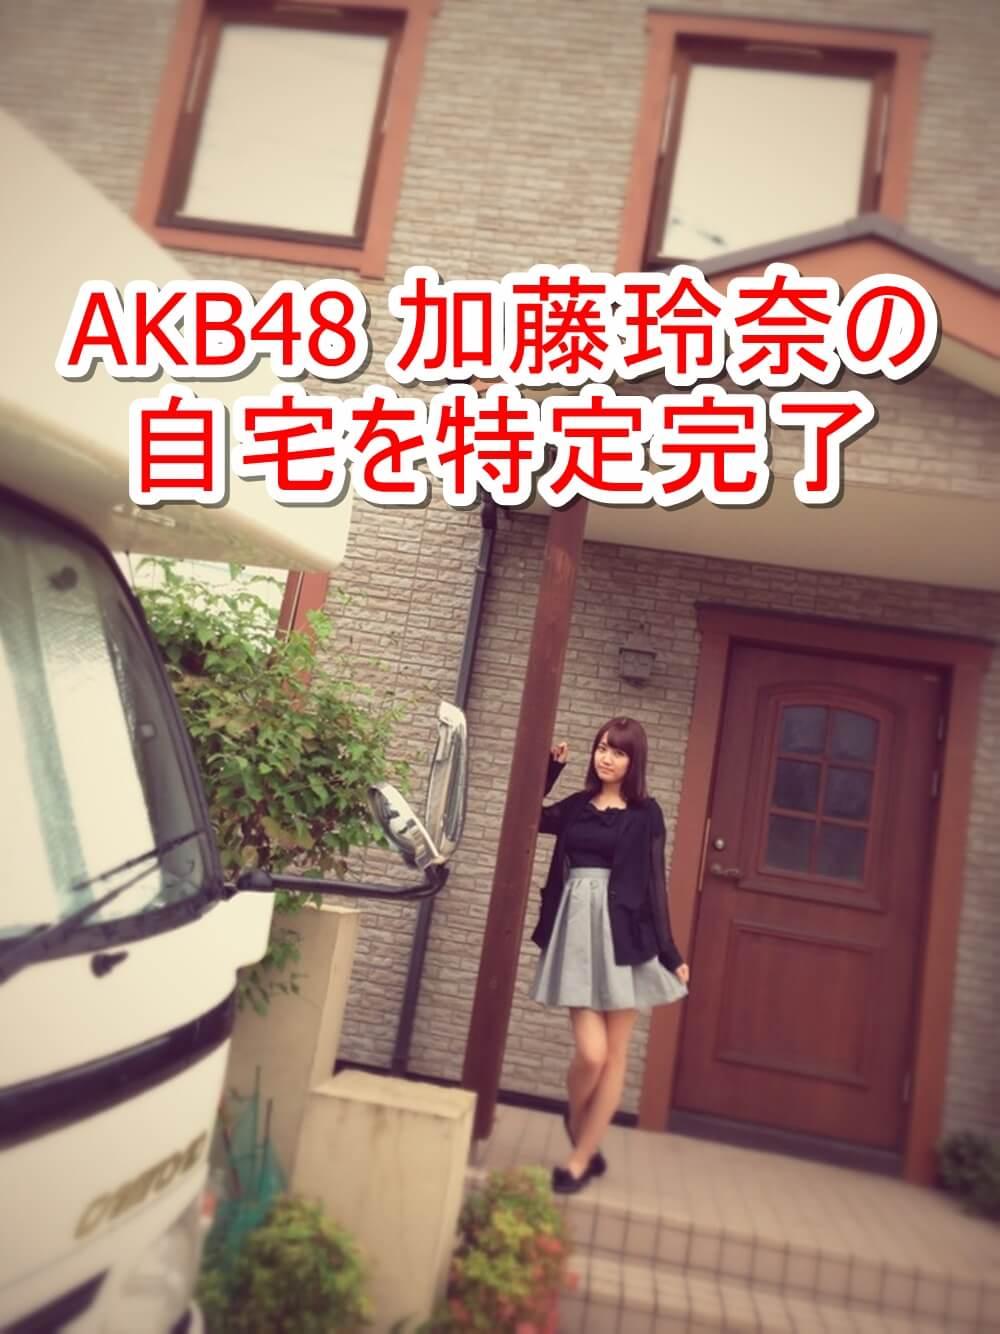 【AKB48】加藤玲奈さんの自宅を特定完了【画像】